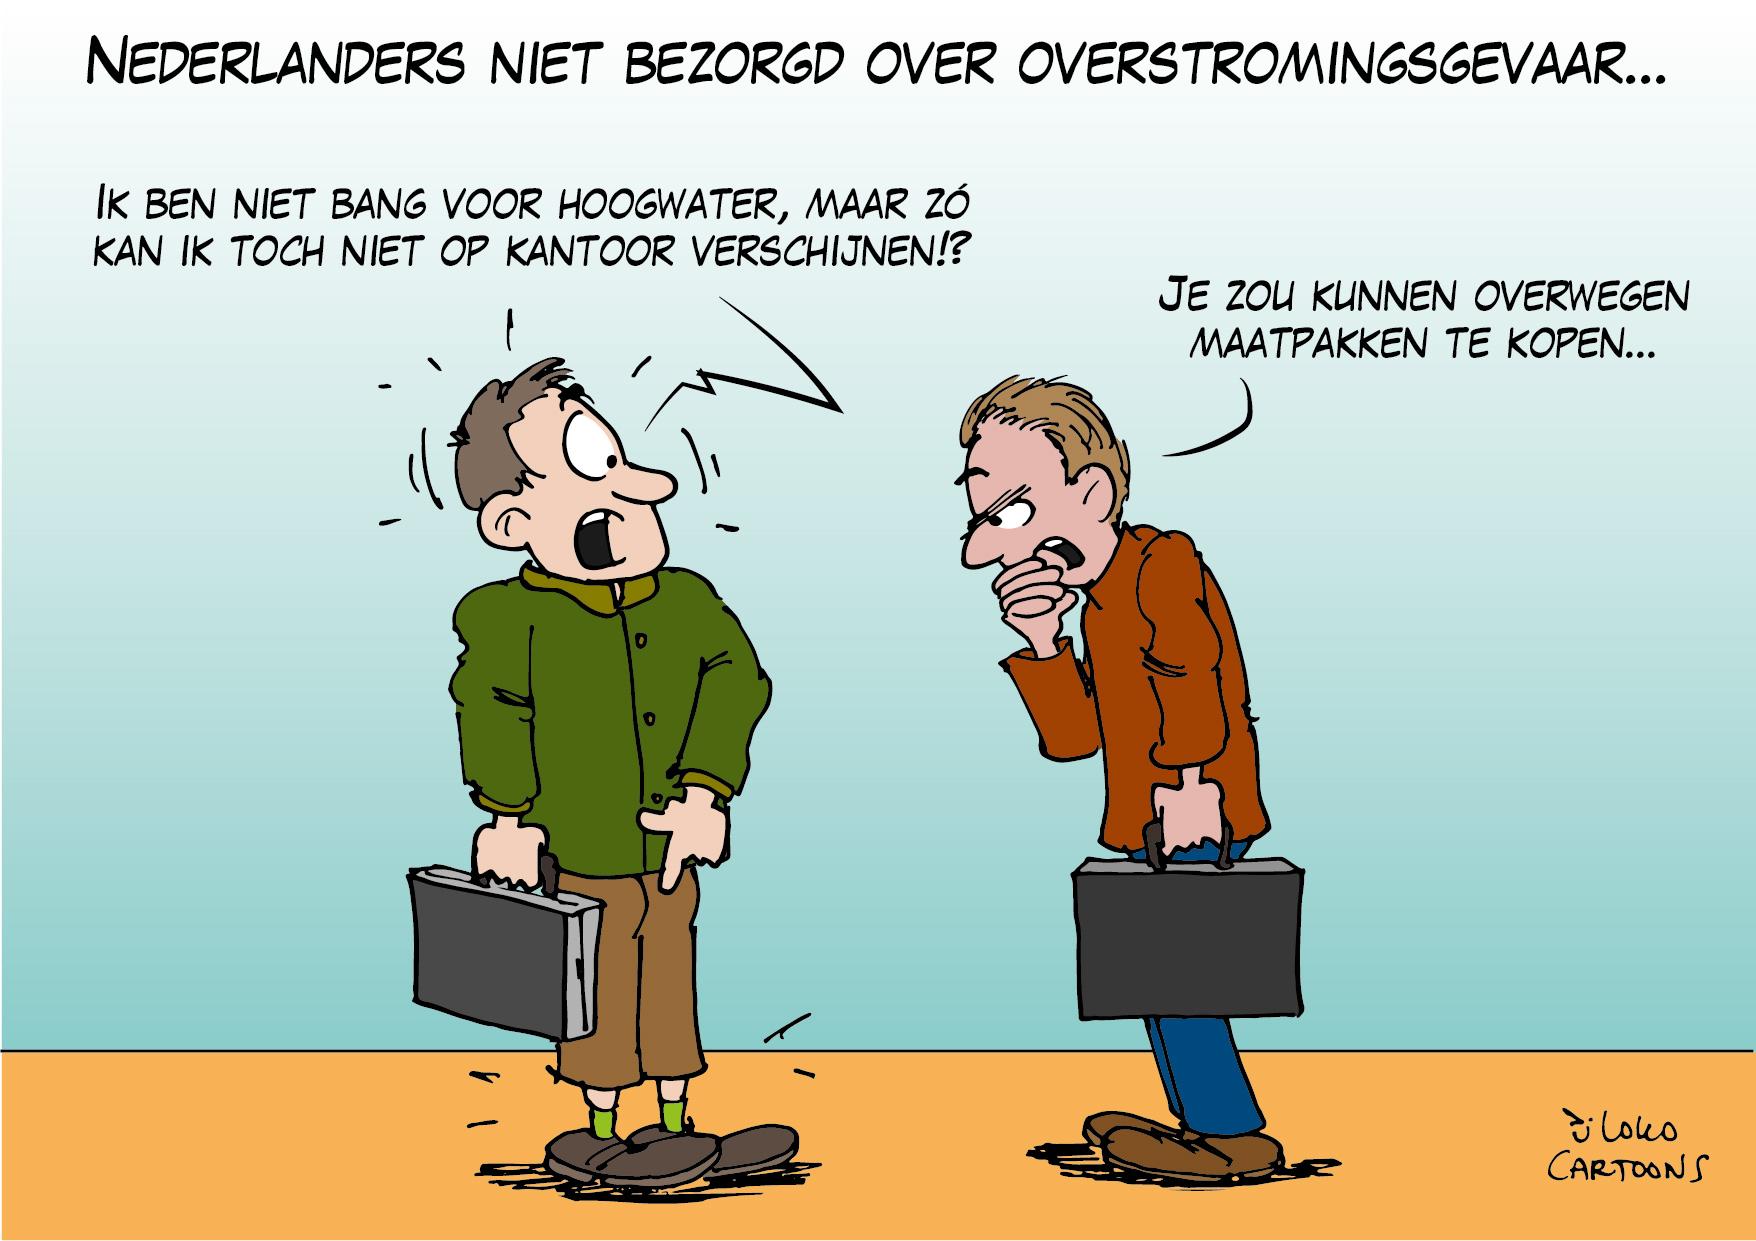 Nederlanders niet bezorgd over overstromingsgevaar…